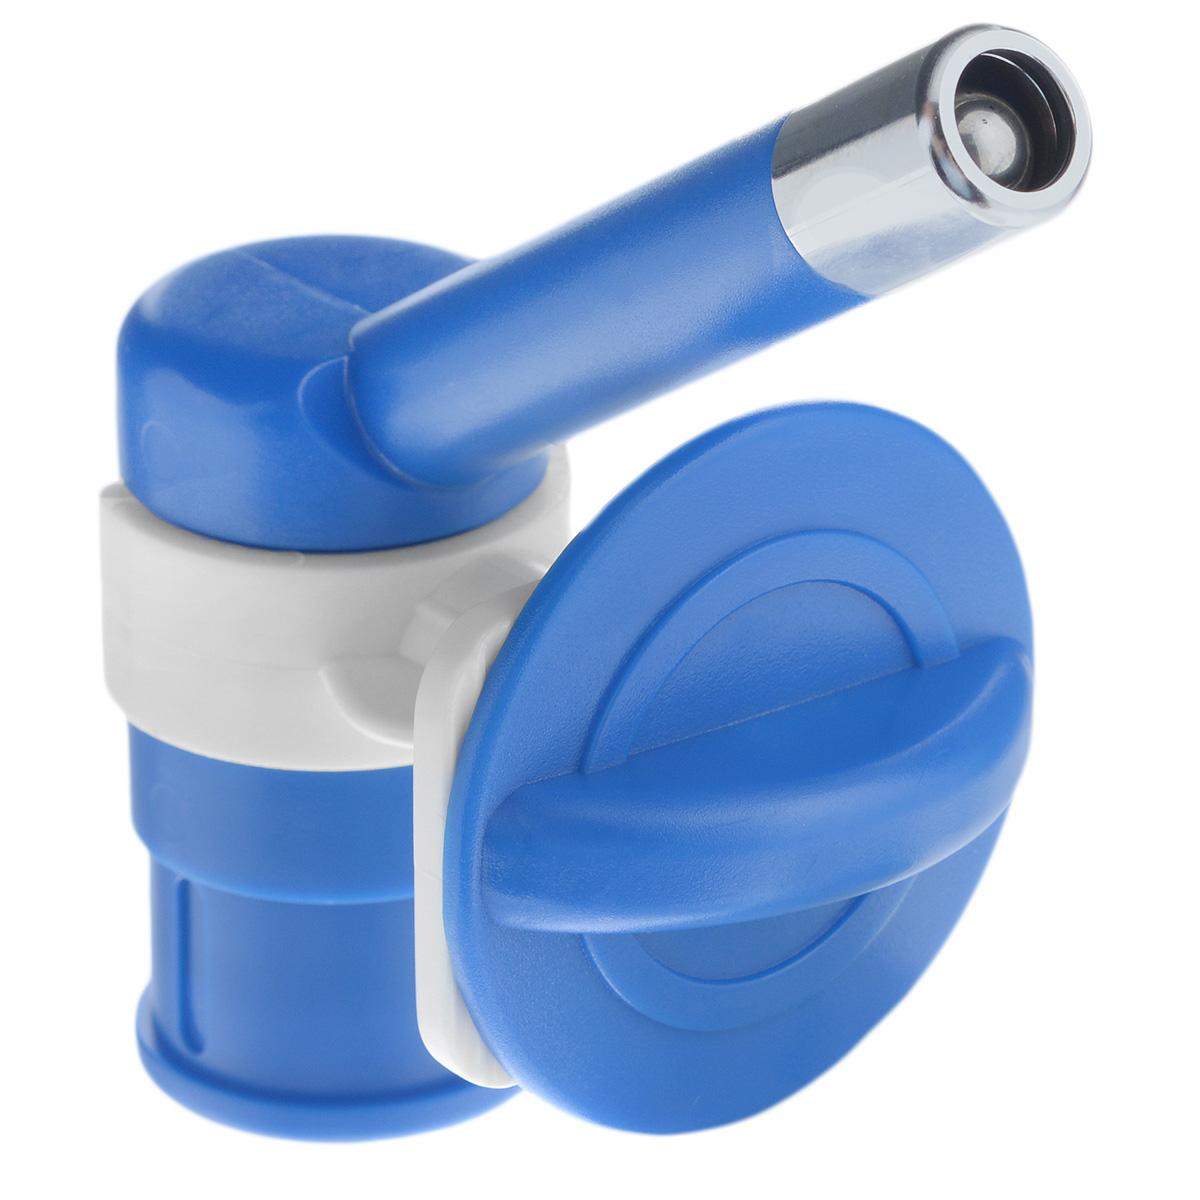 Автопоилка для животных, универсальная, цвет: синий кормушка triol p510 автопоилка для животных регулировка высоты